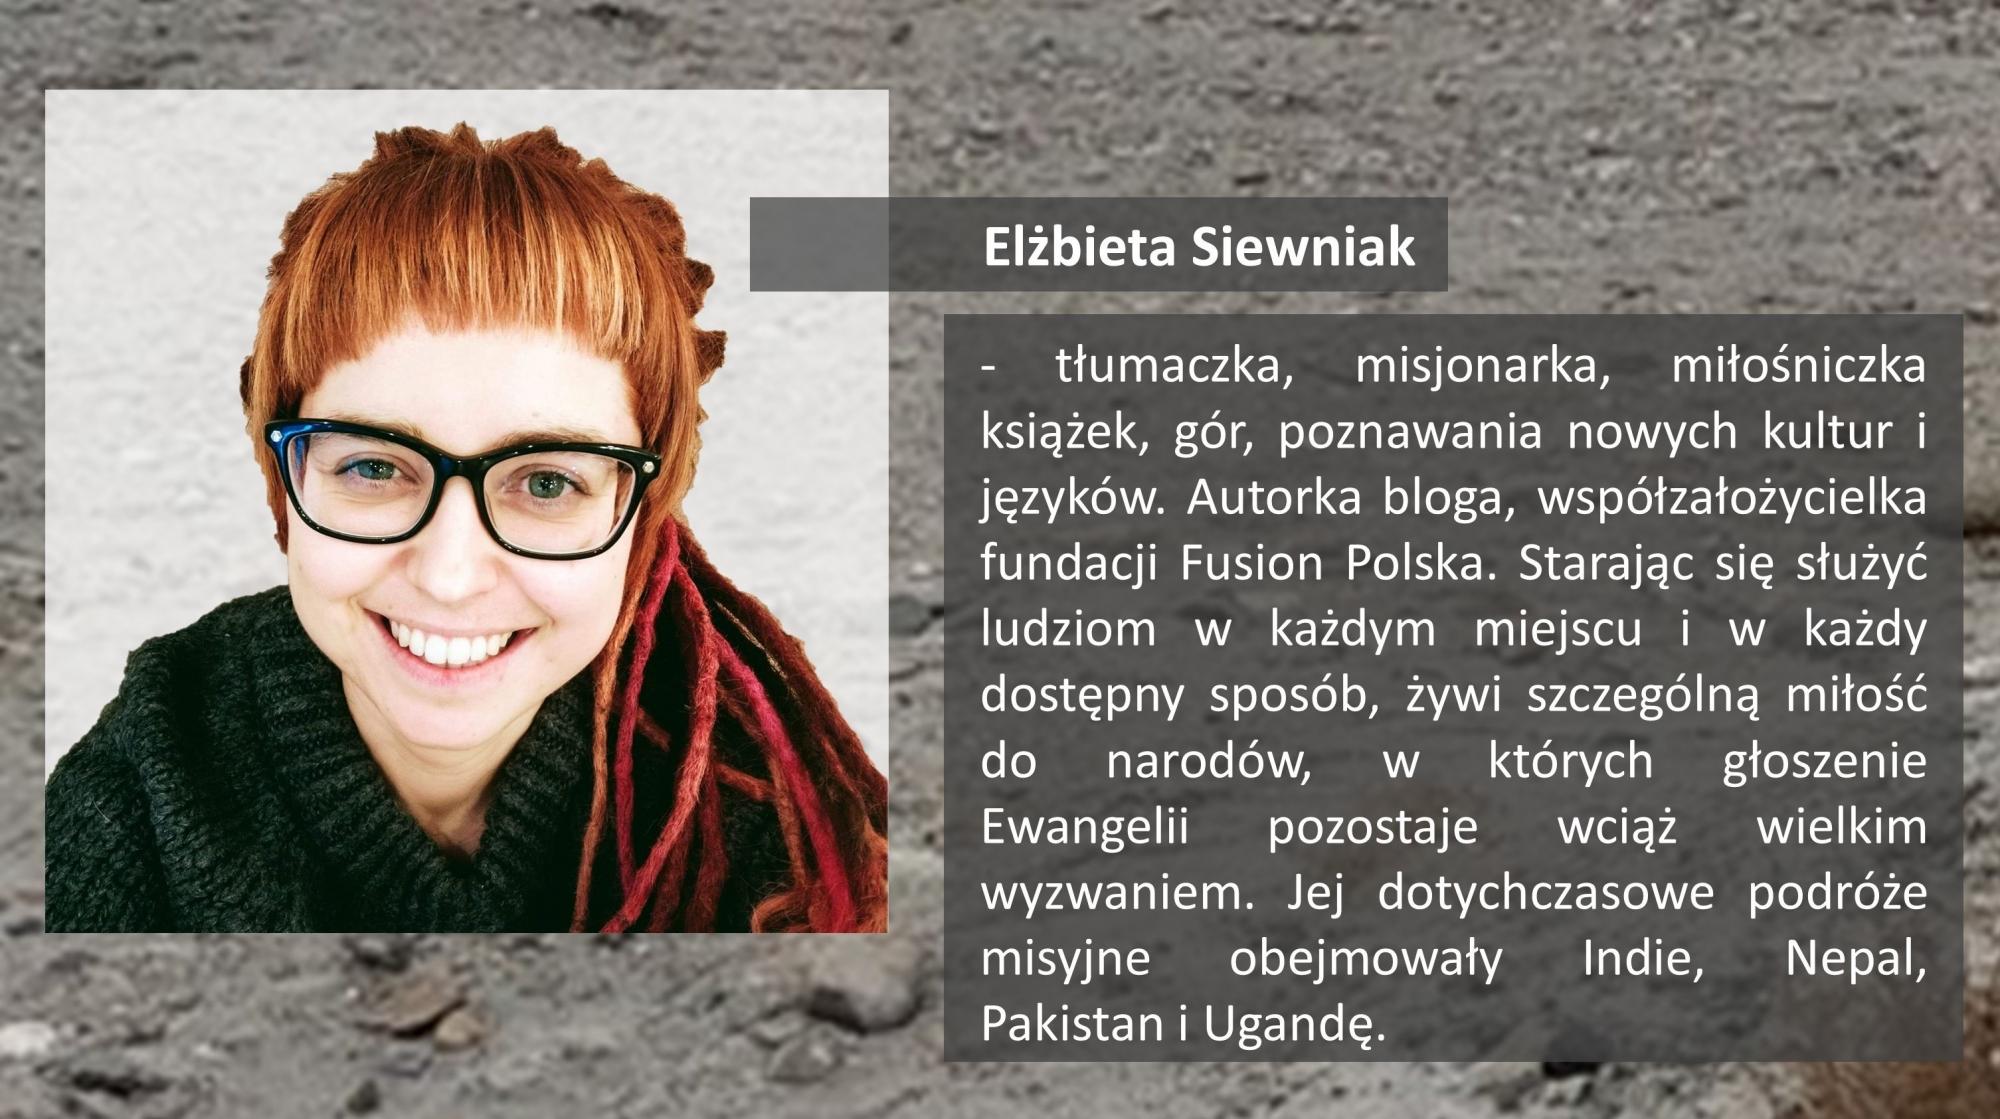 Elżbieta Siewniak